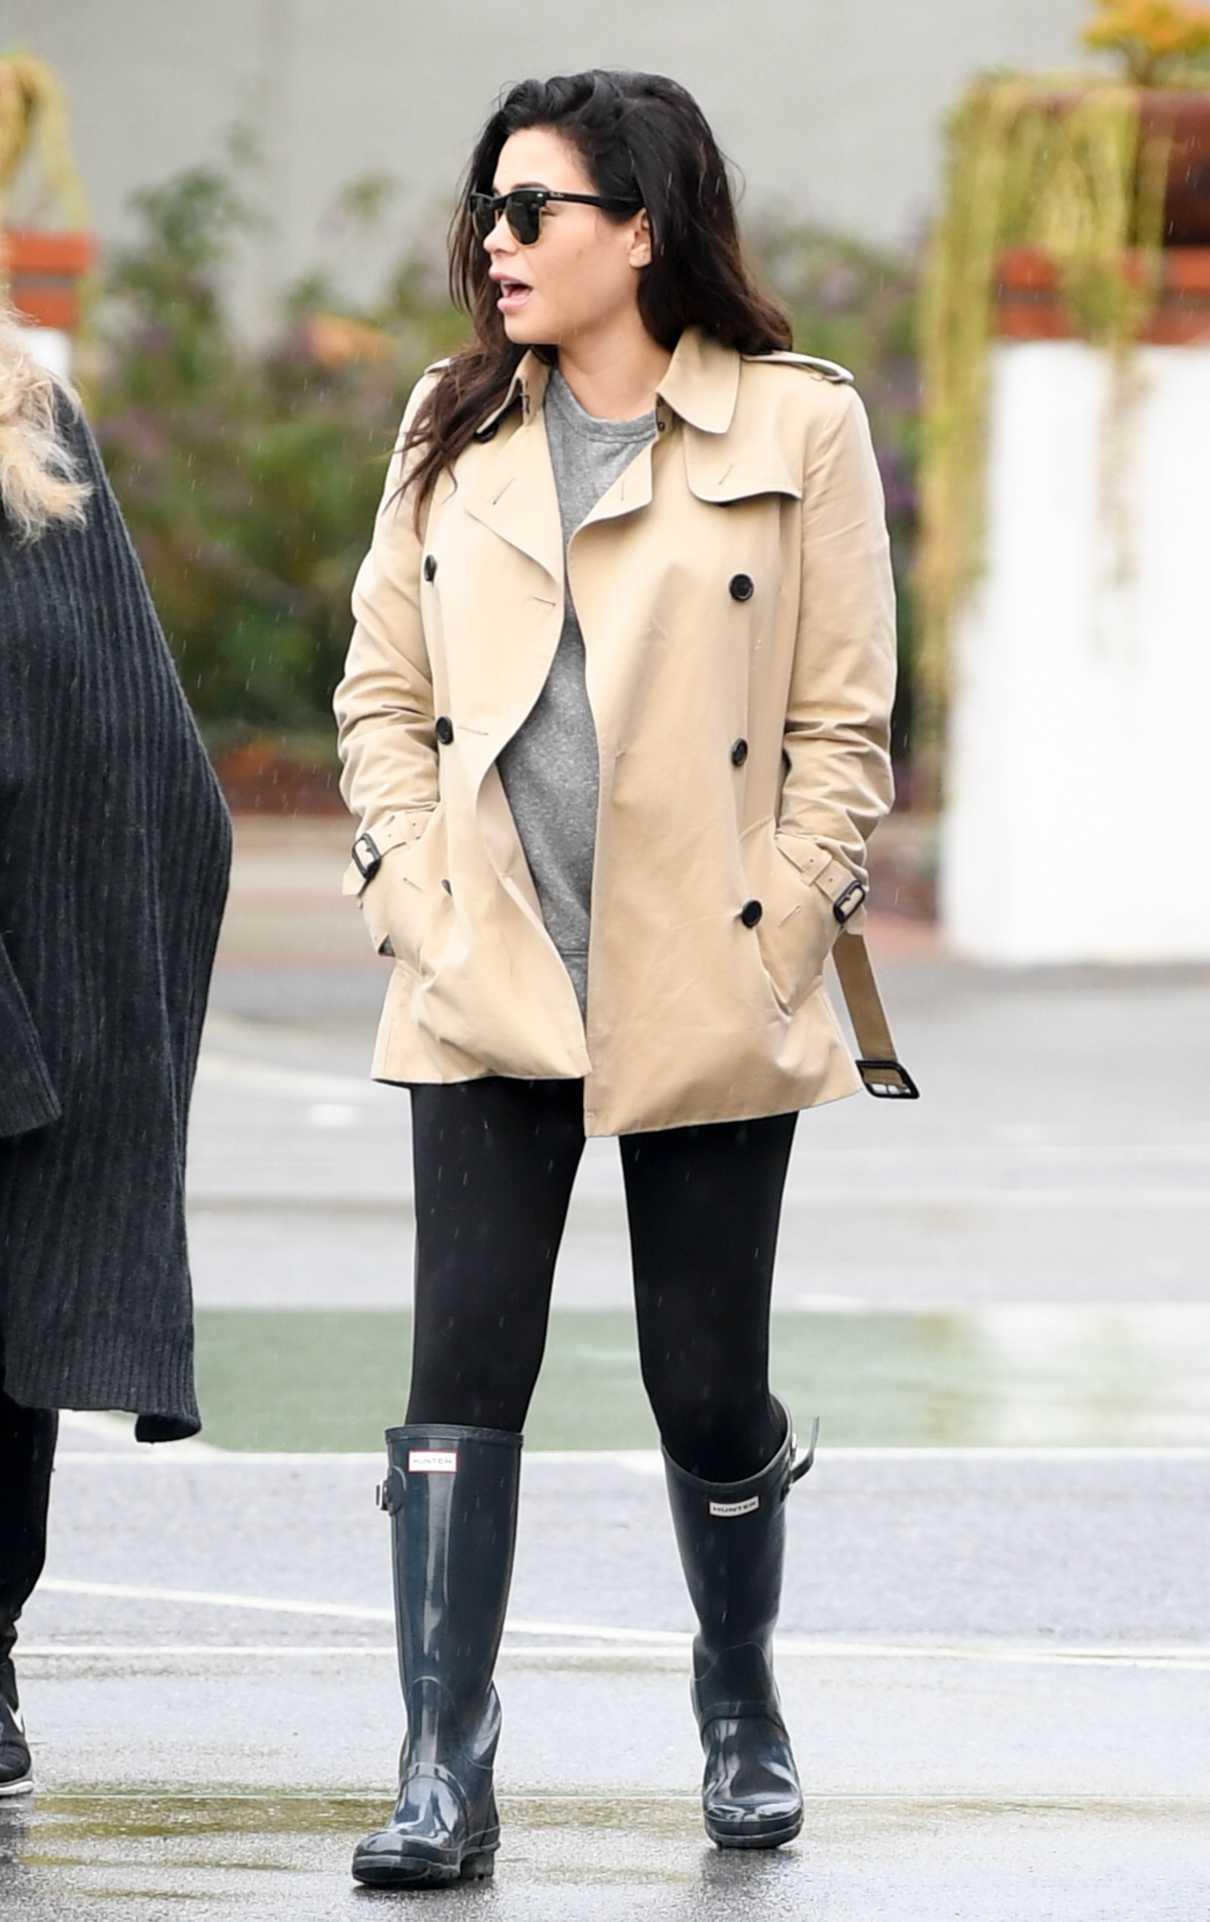 Jenna Dewan in a Beige Jacket